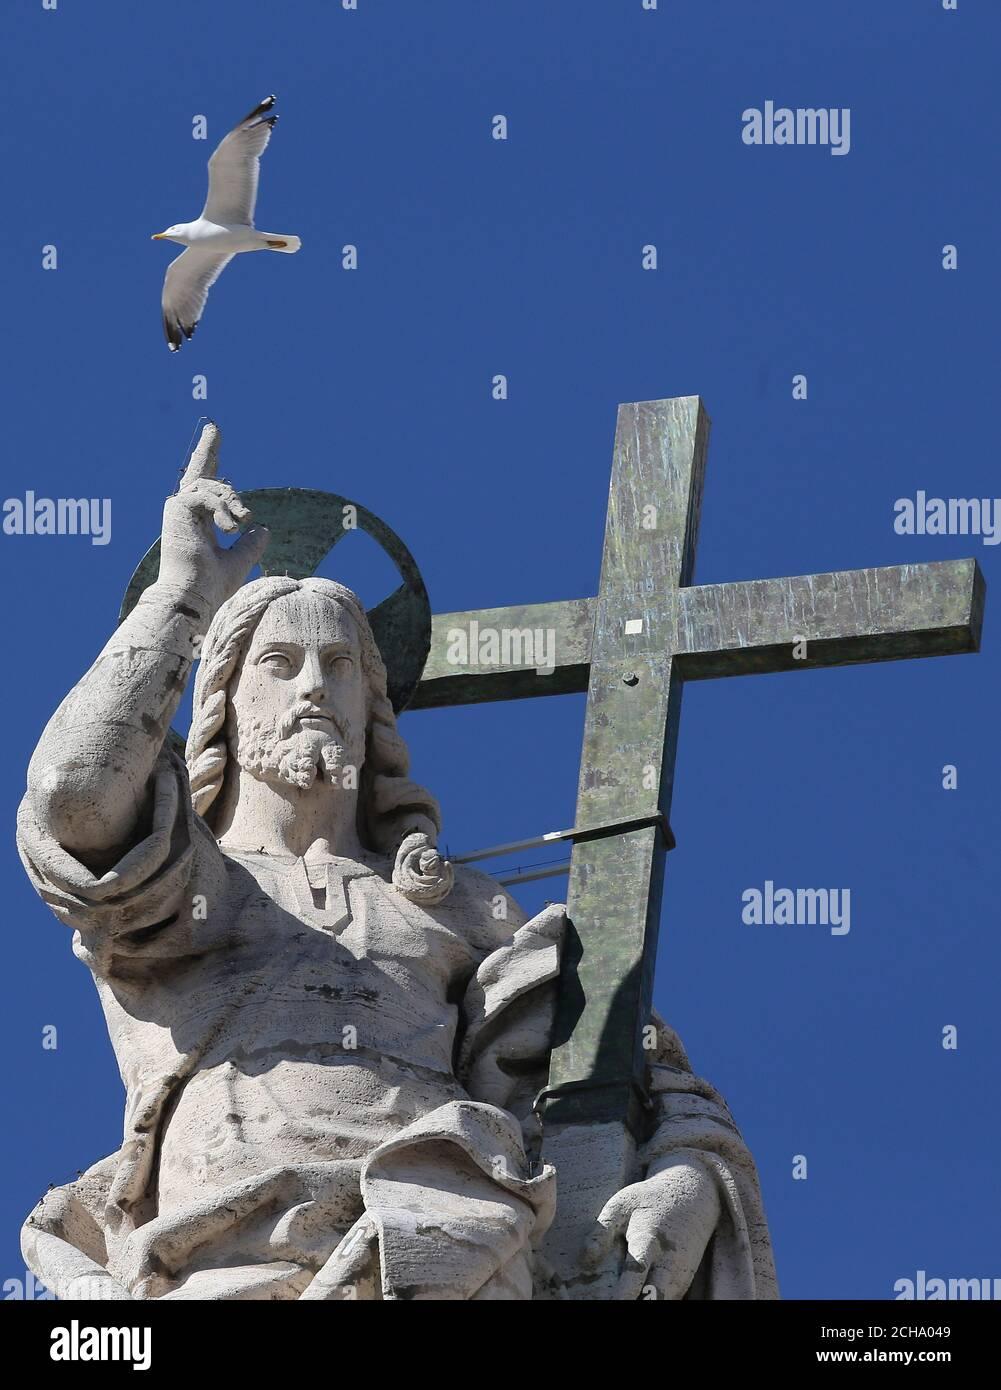 Un gabbiano sorvola una statua di San Pietro mentre Papa Francesco (non raffigurato) conduce la sua udienza generale settimanale in Piazza San Pietro in Vaticano, 2 marzo 2016. REUTERS/Alessandro Bianchi Foto Stock